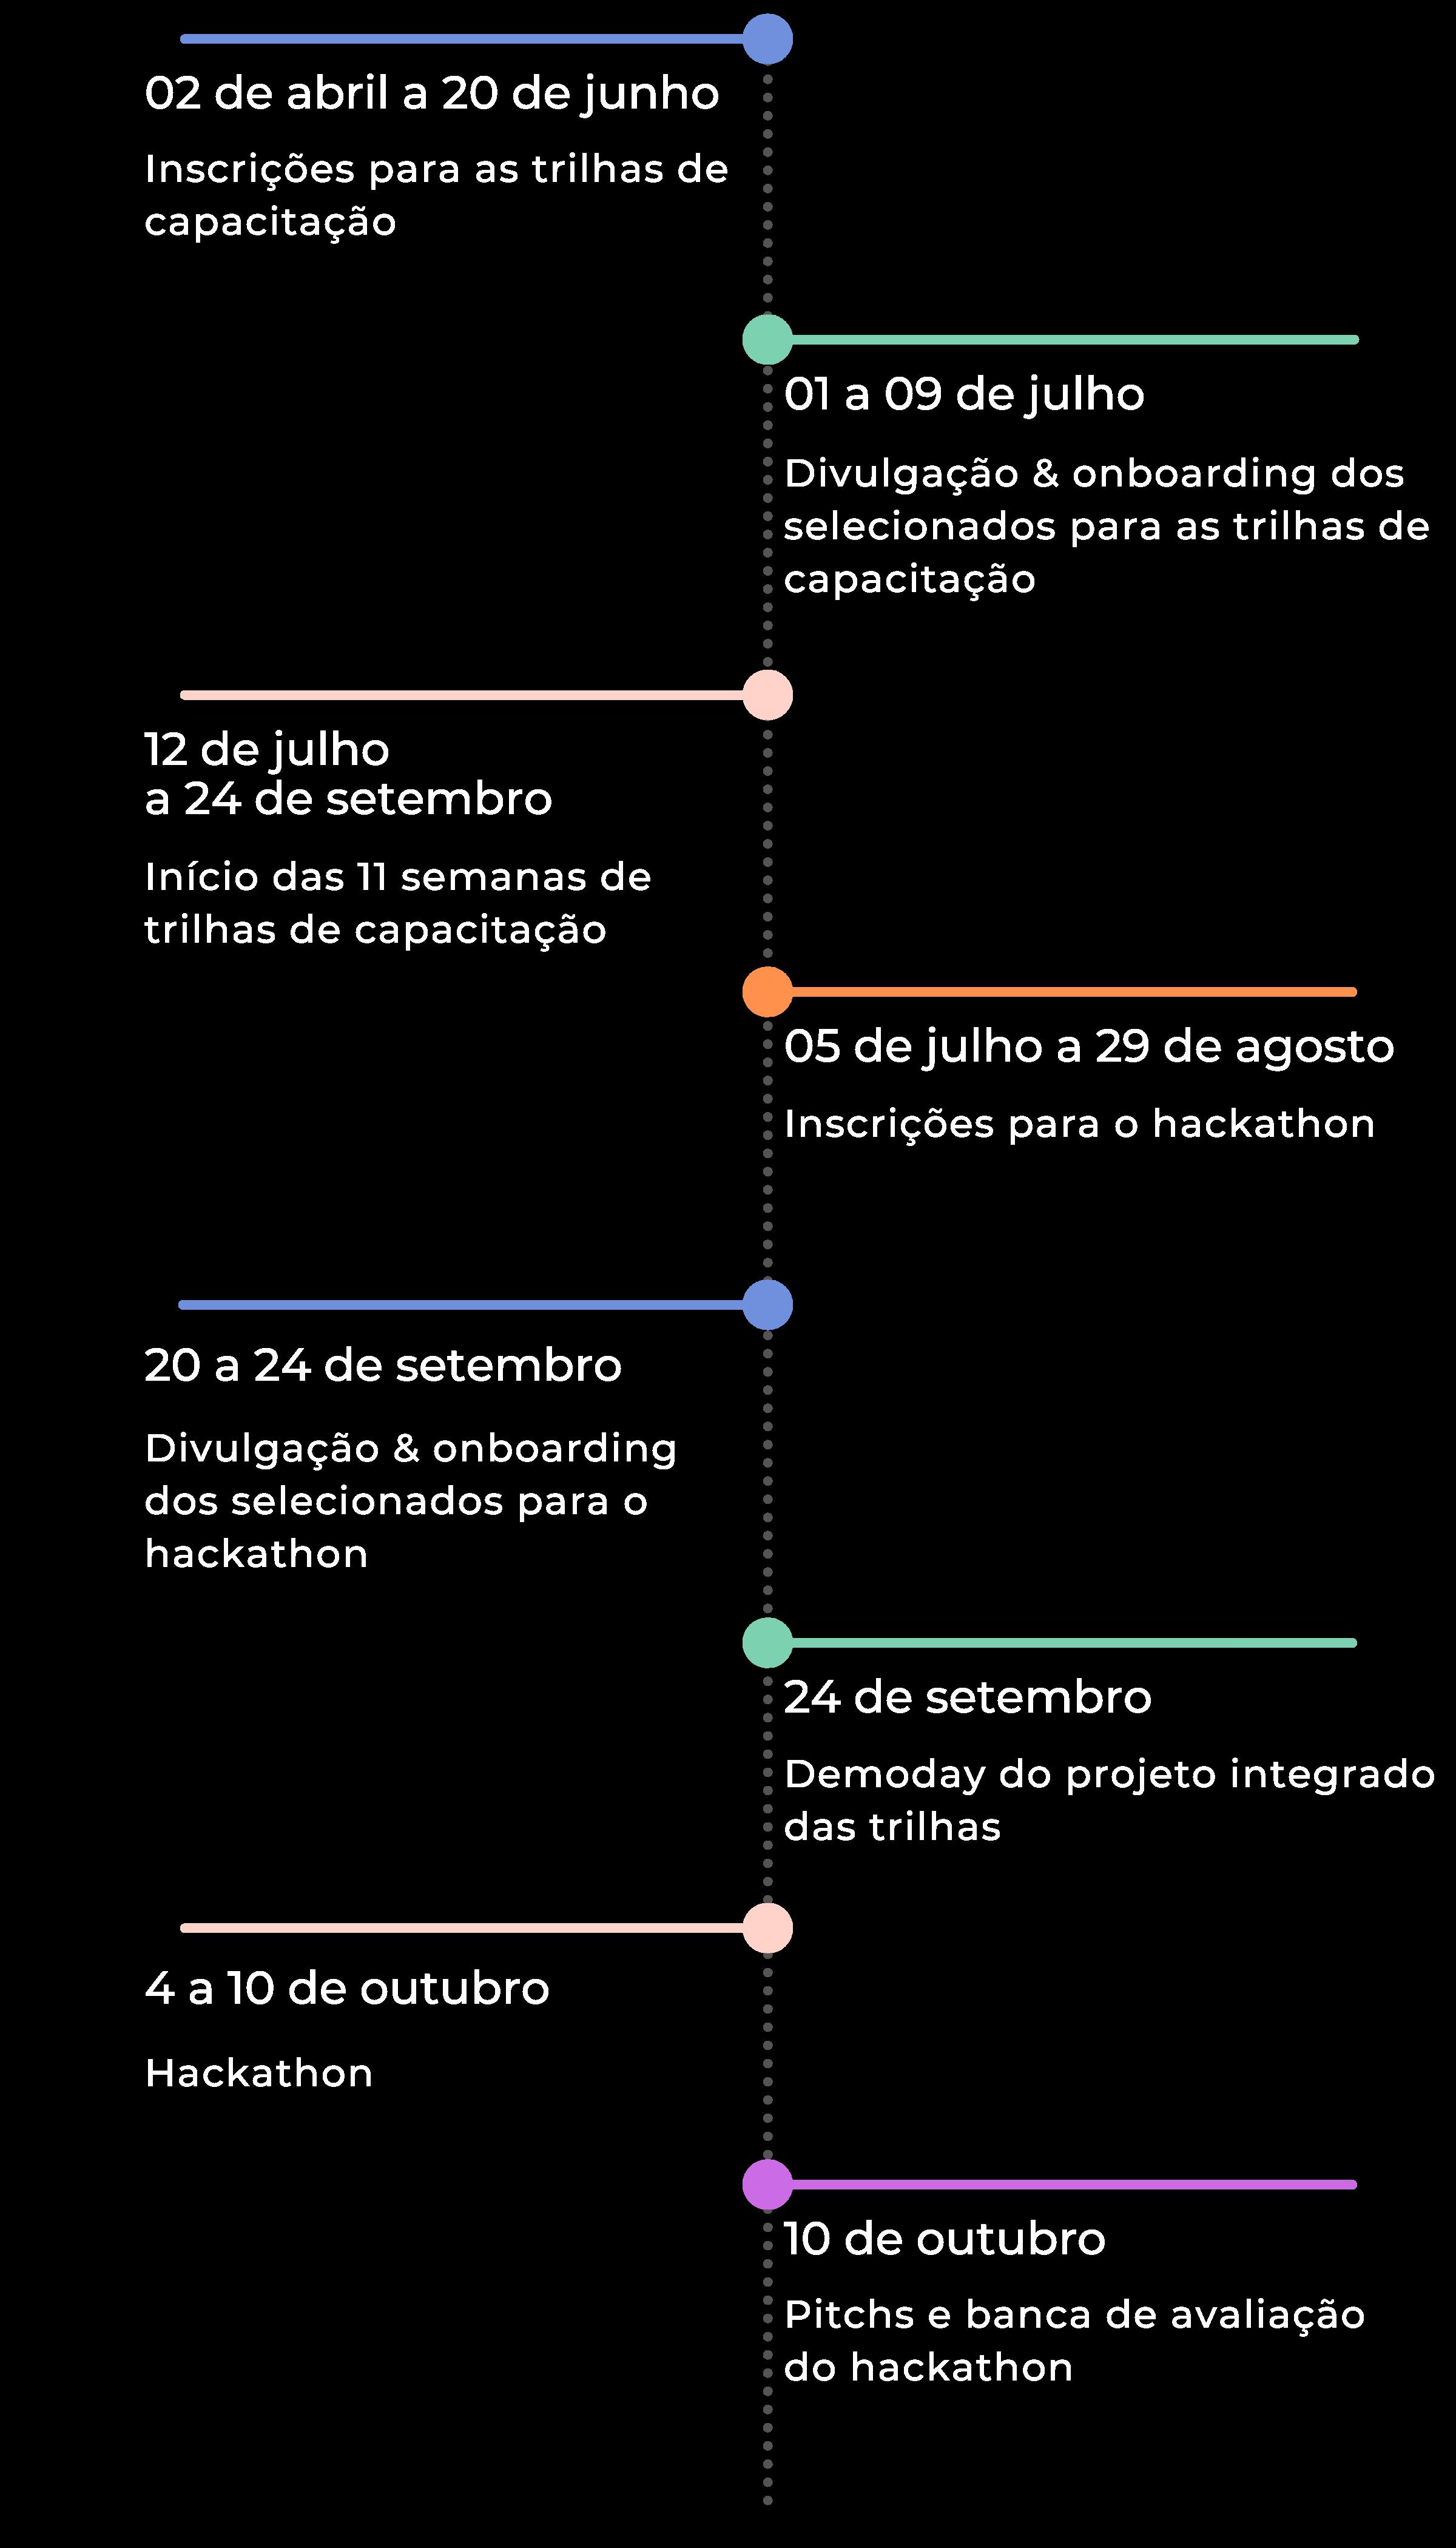 cronograma autismotech